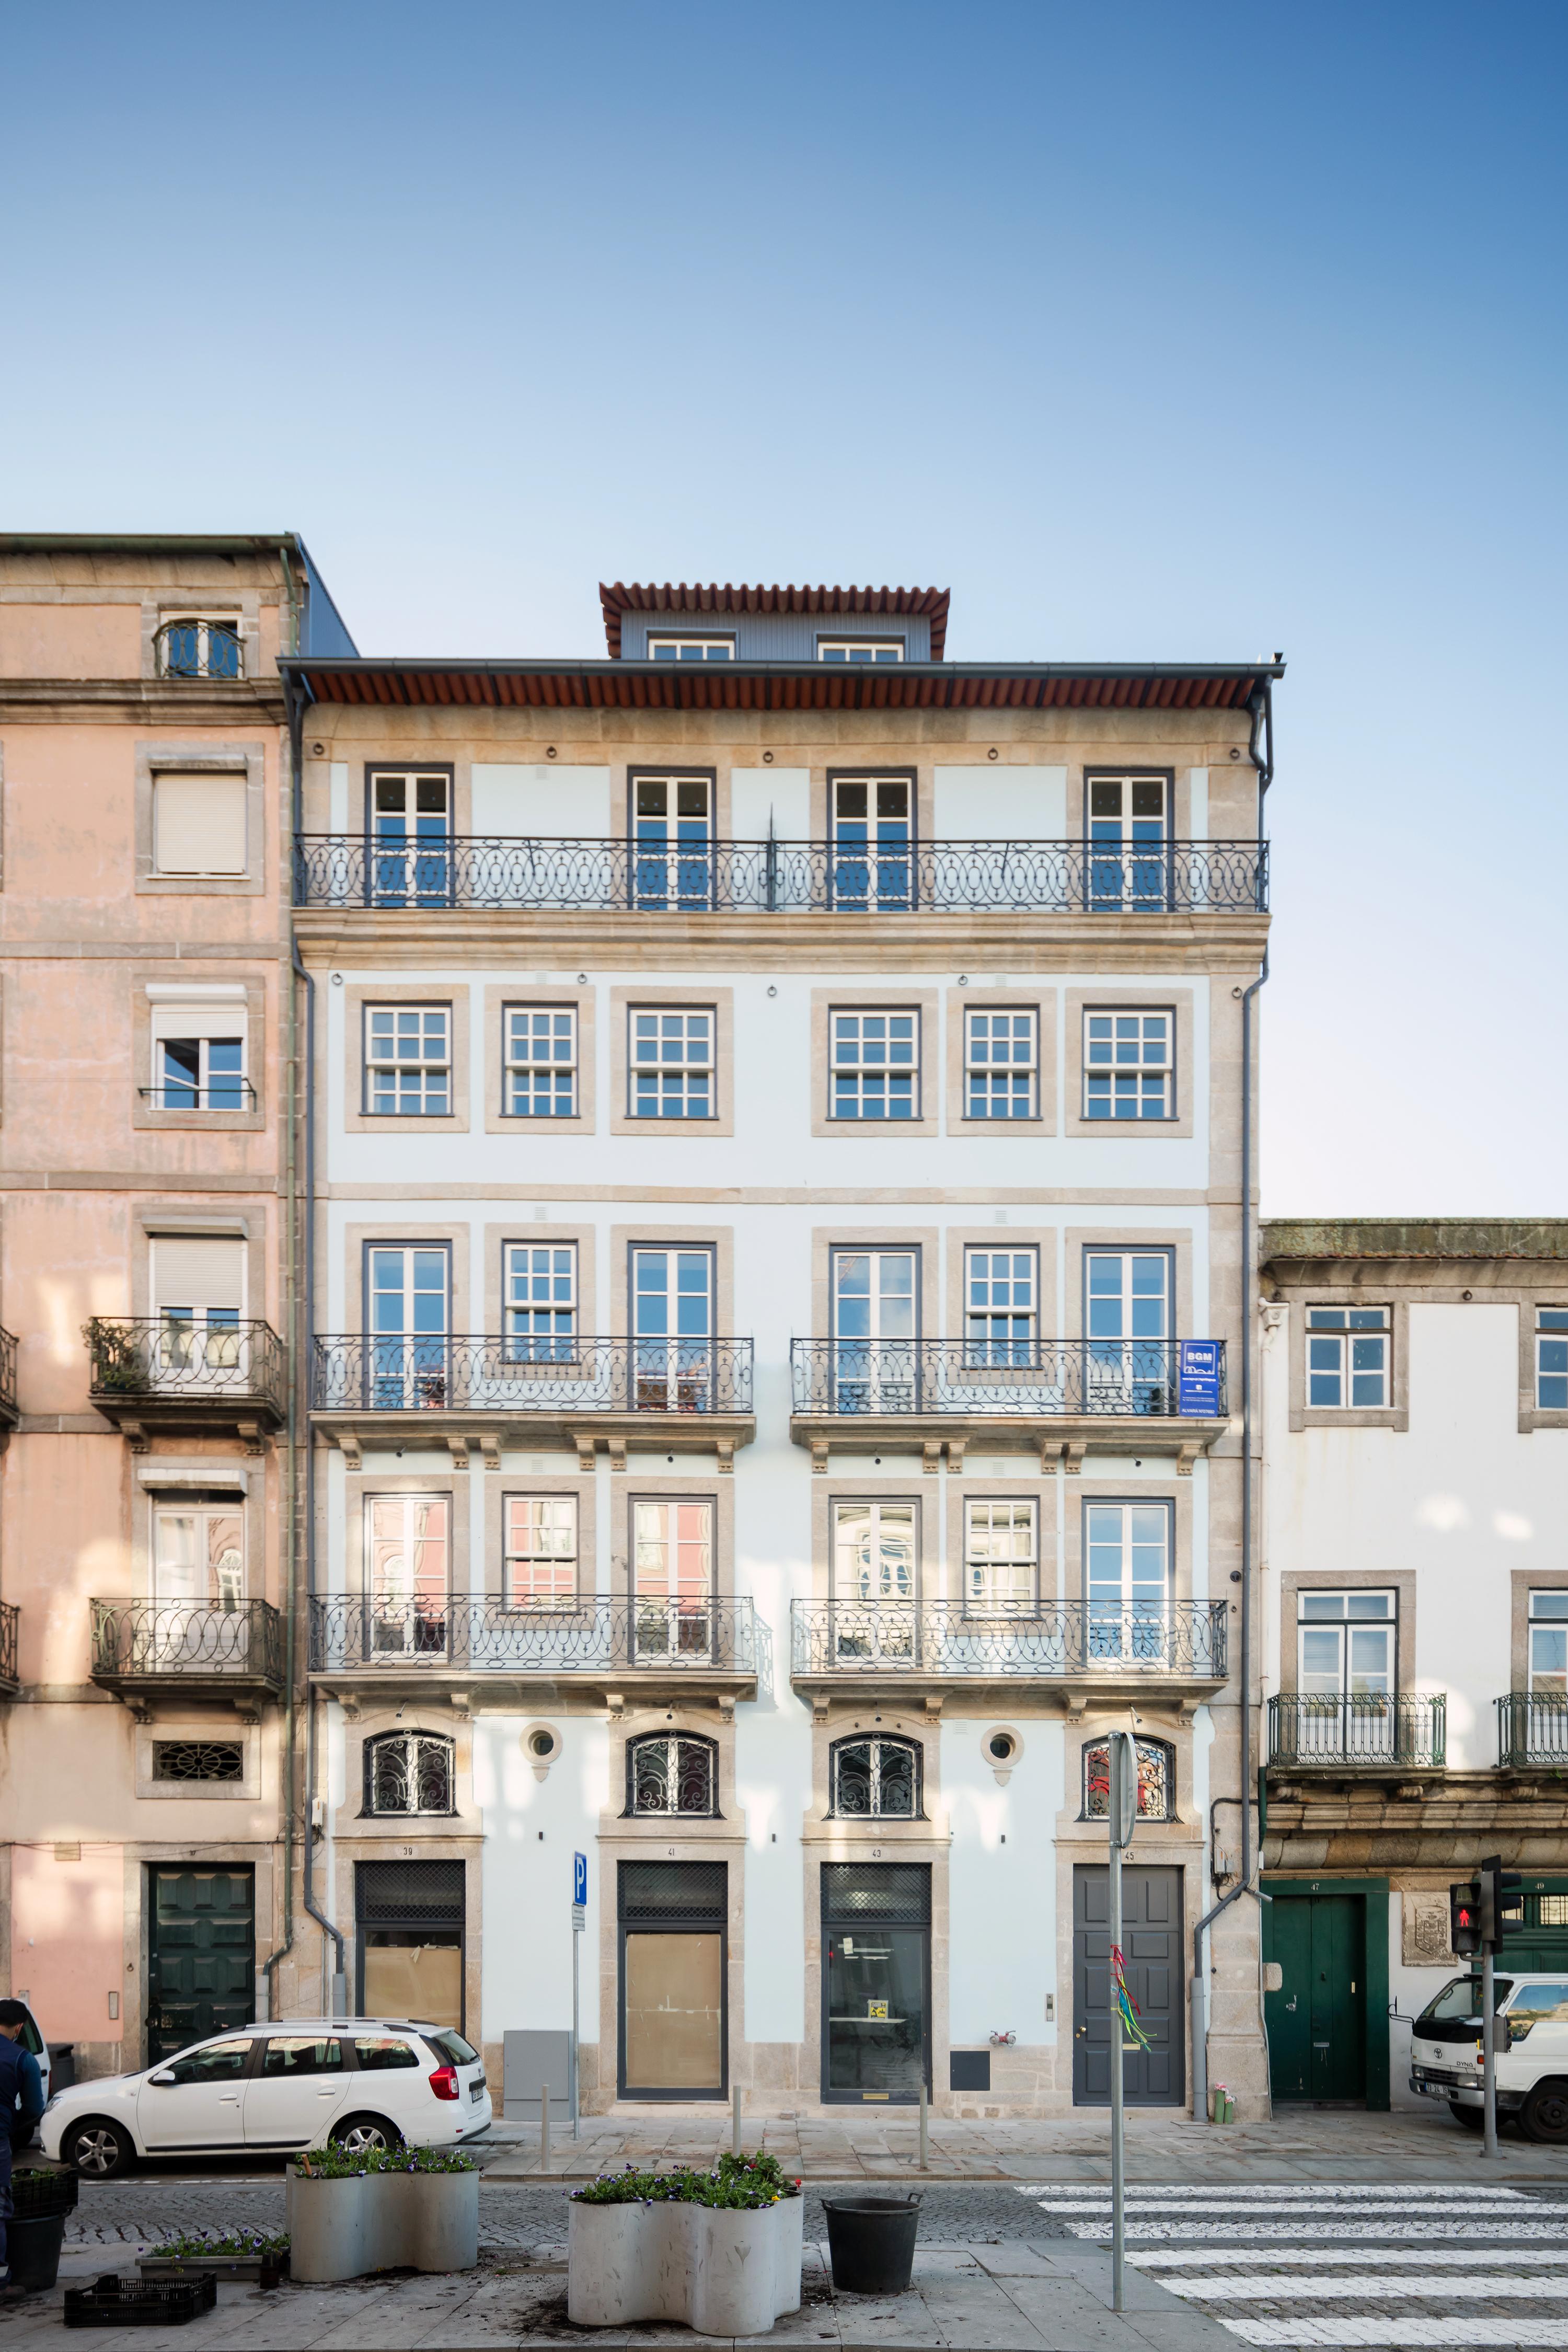 Projeto português de arquitetura premiado no Porto